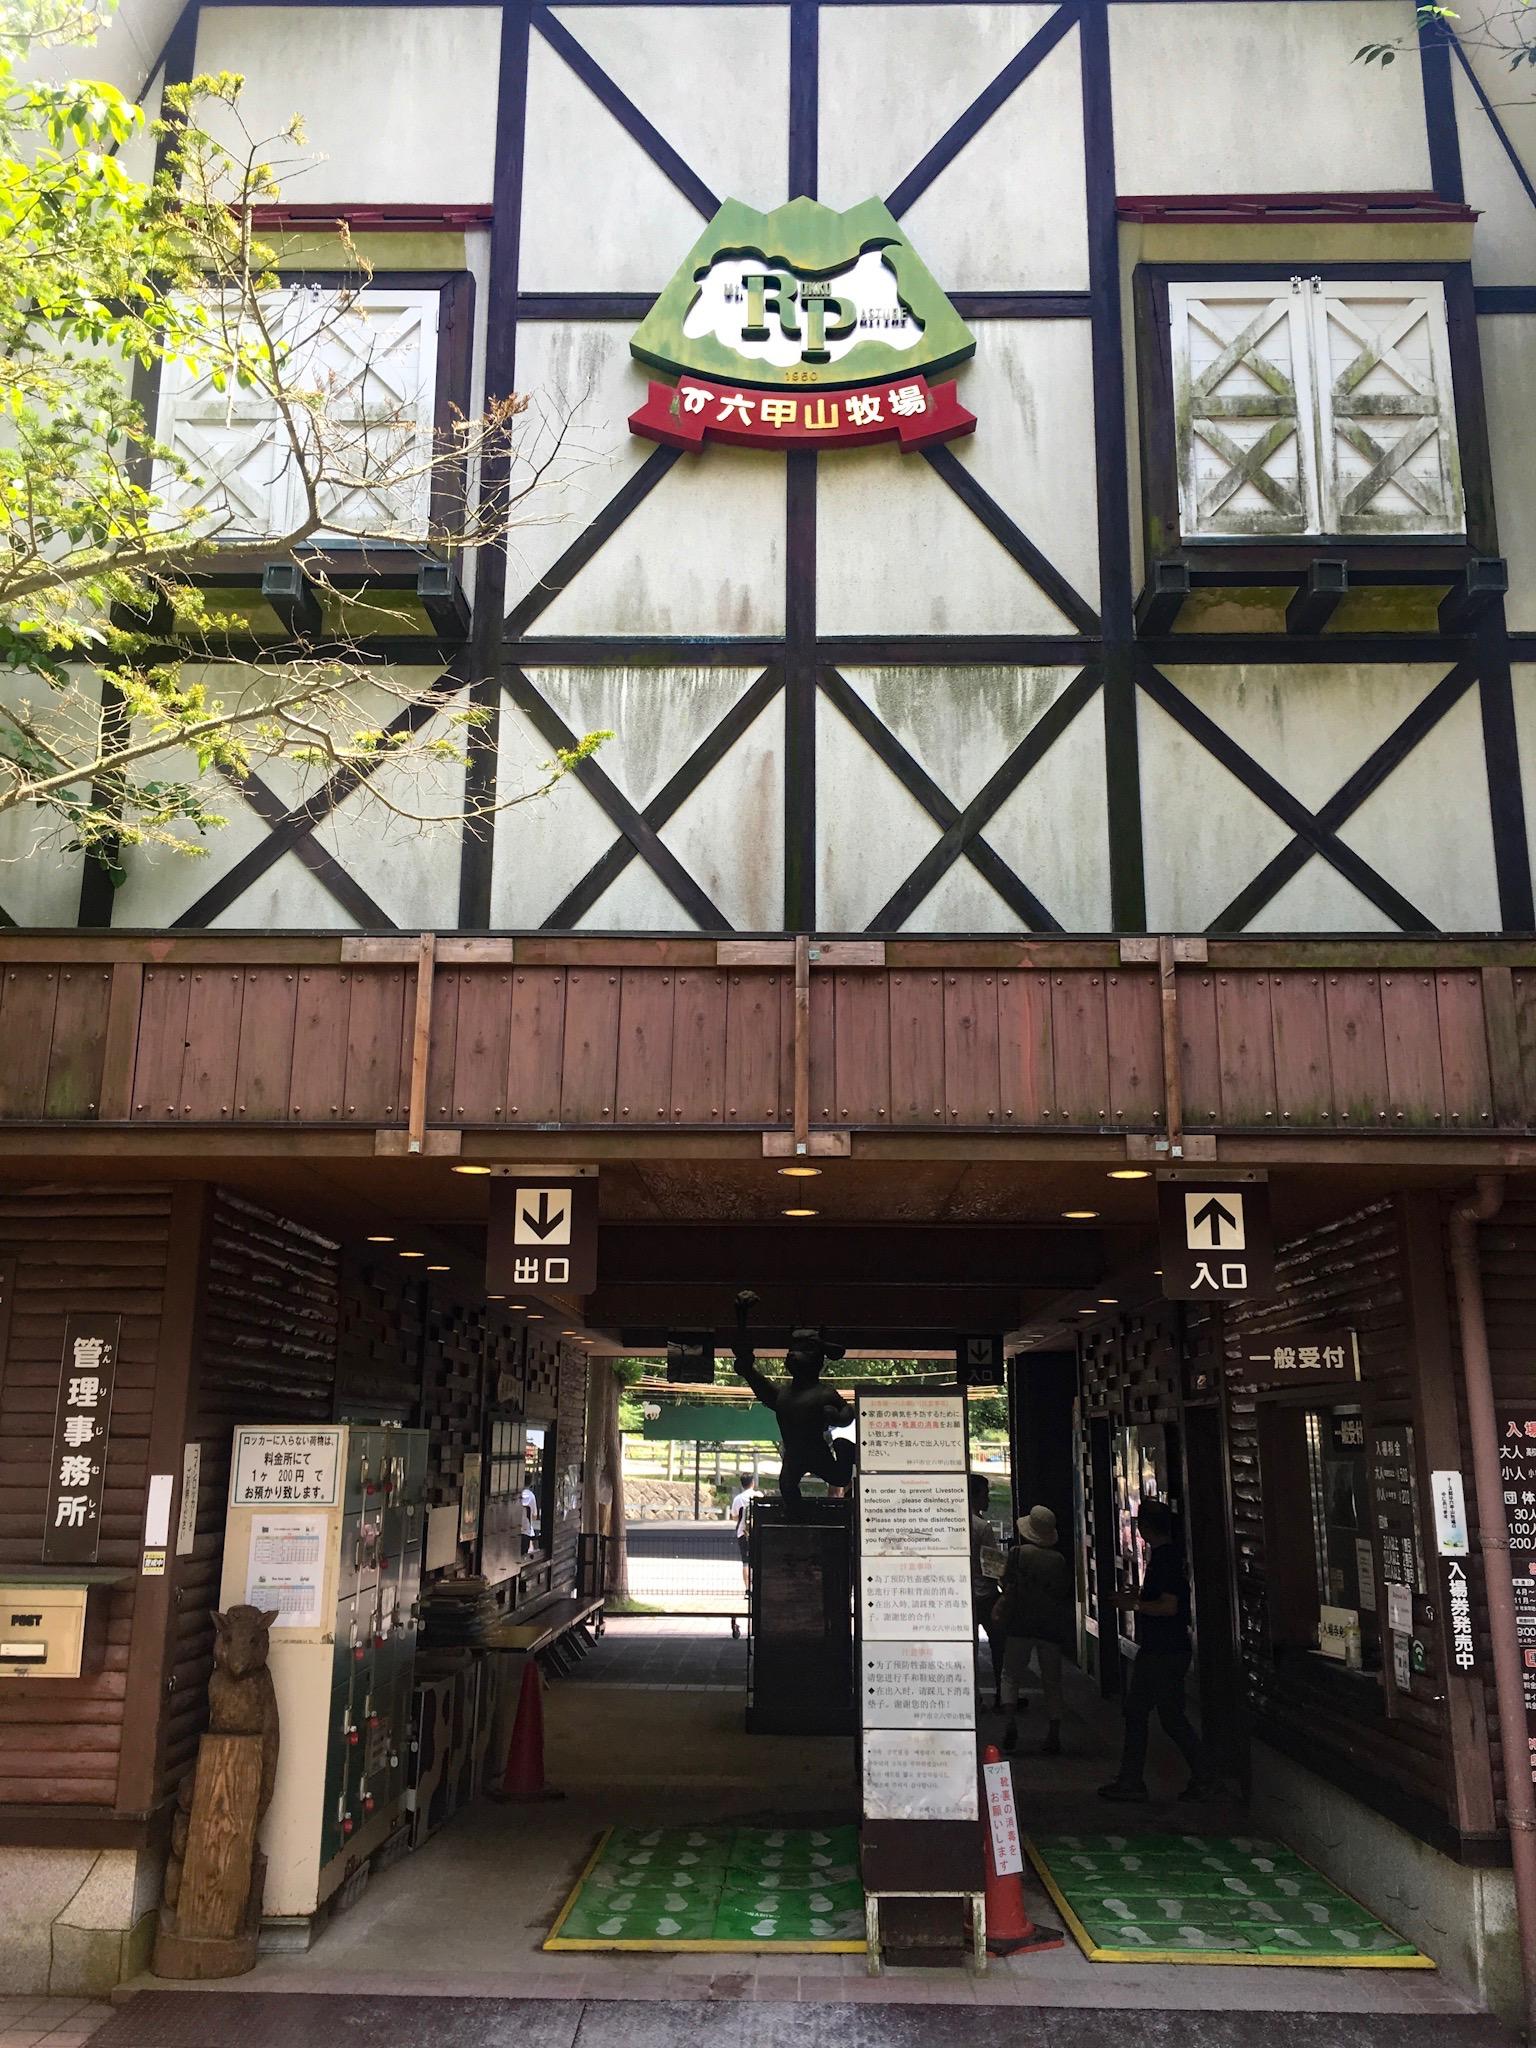 大阪府、兵庫県おススメドライブスポット(六甲山牧場)のアイキャッチ画像